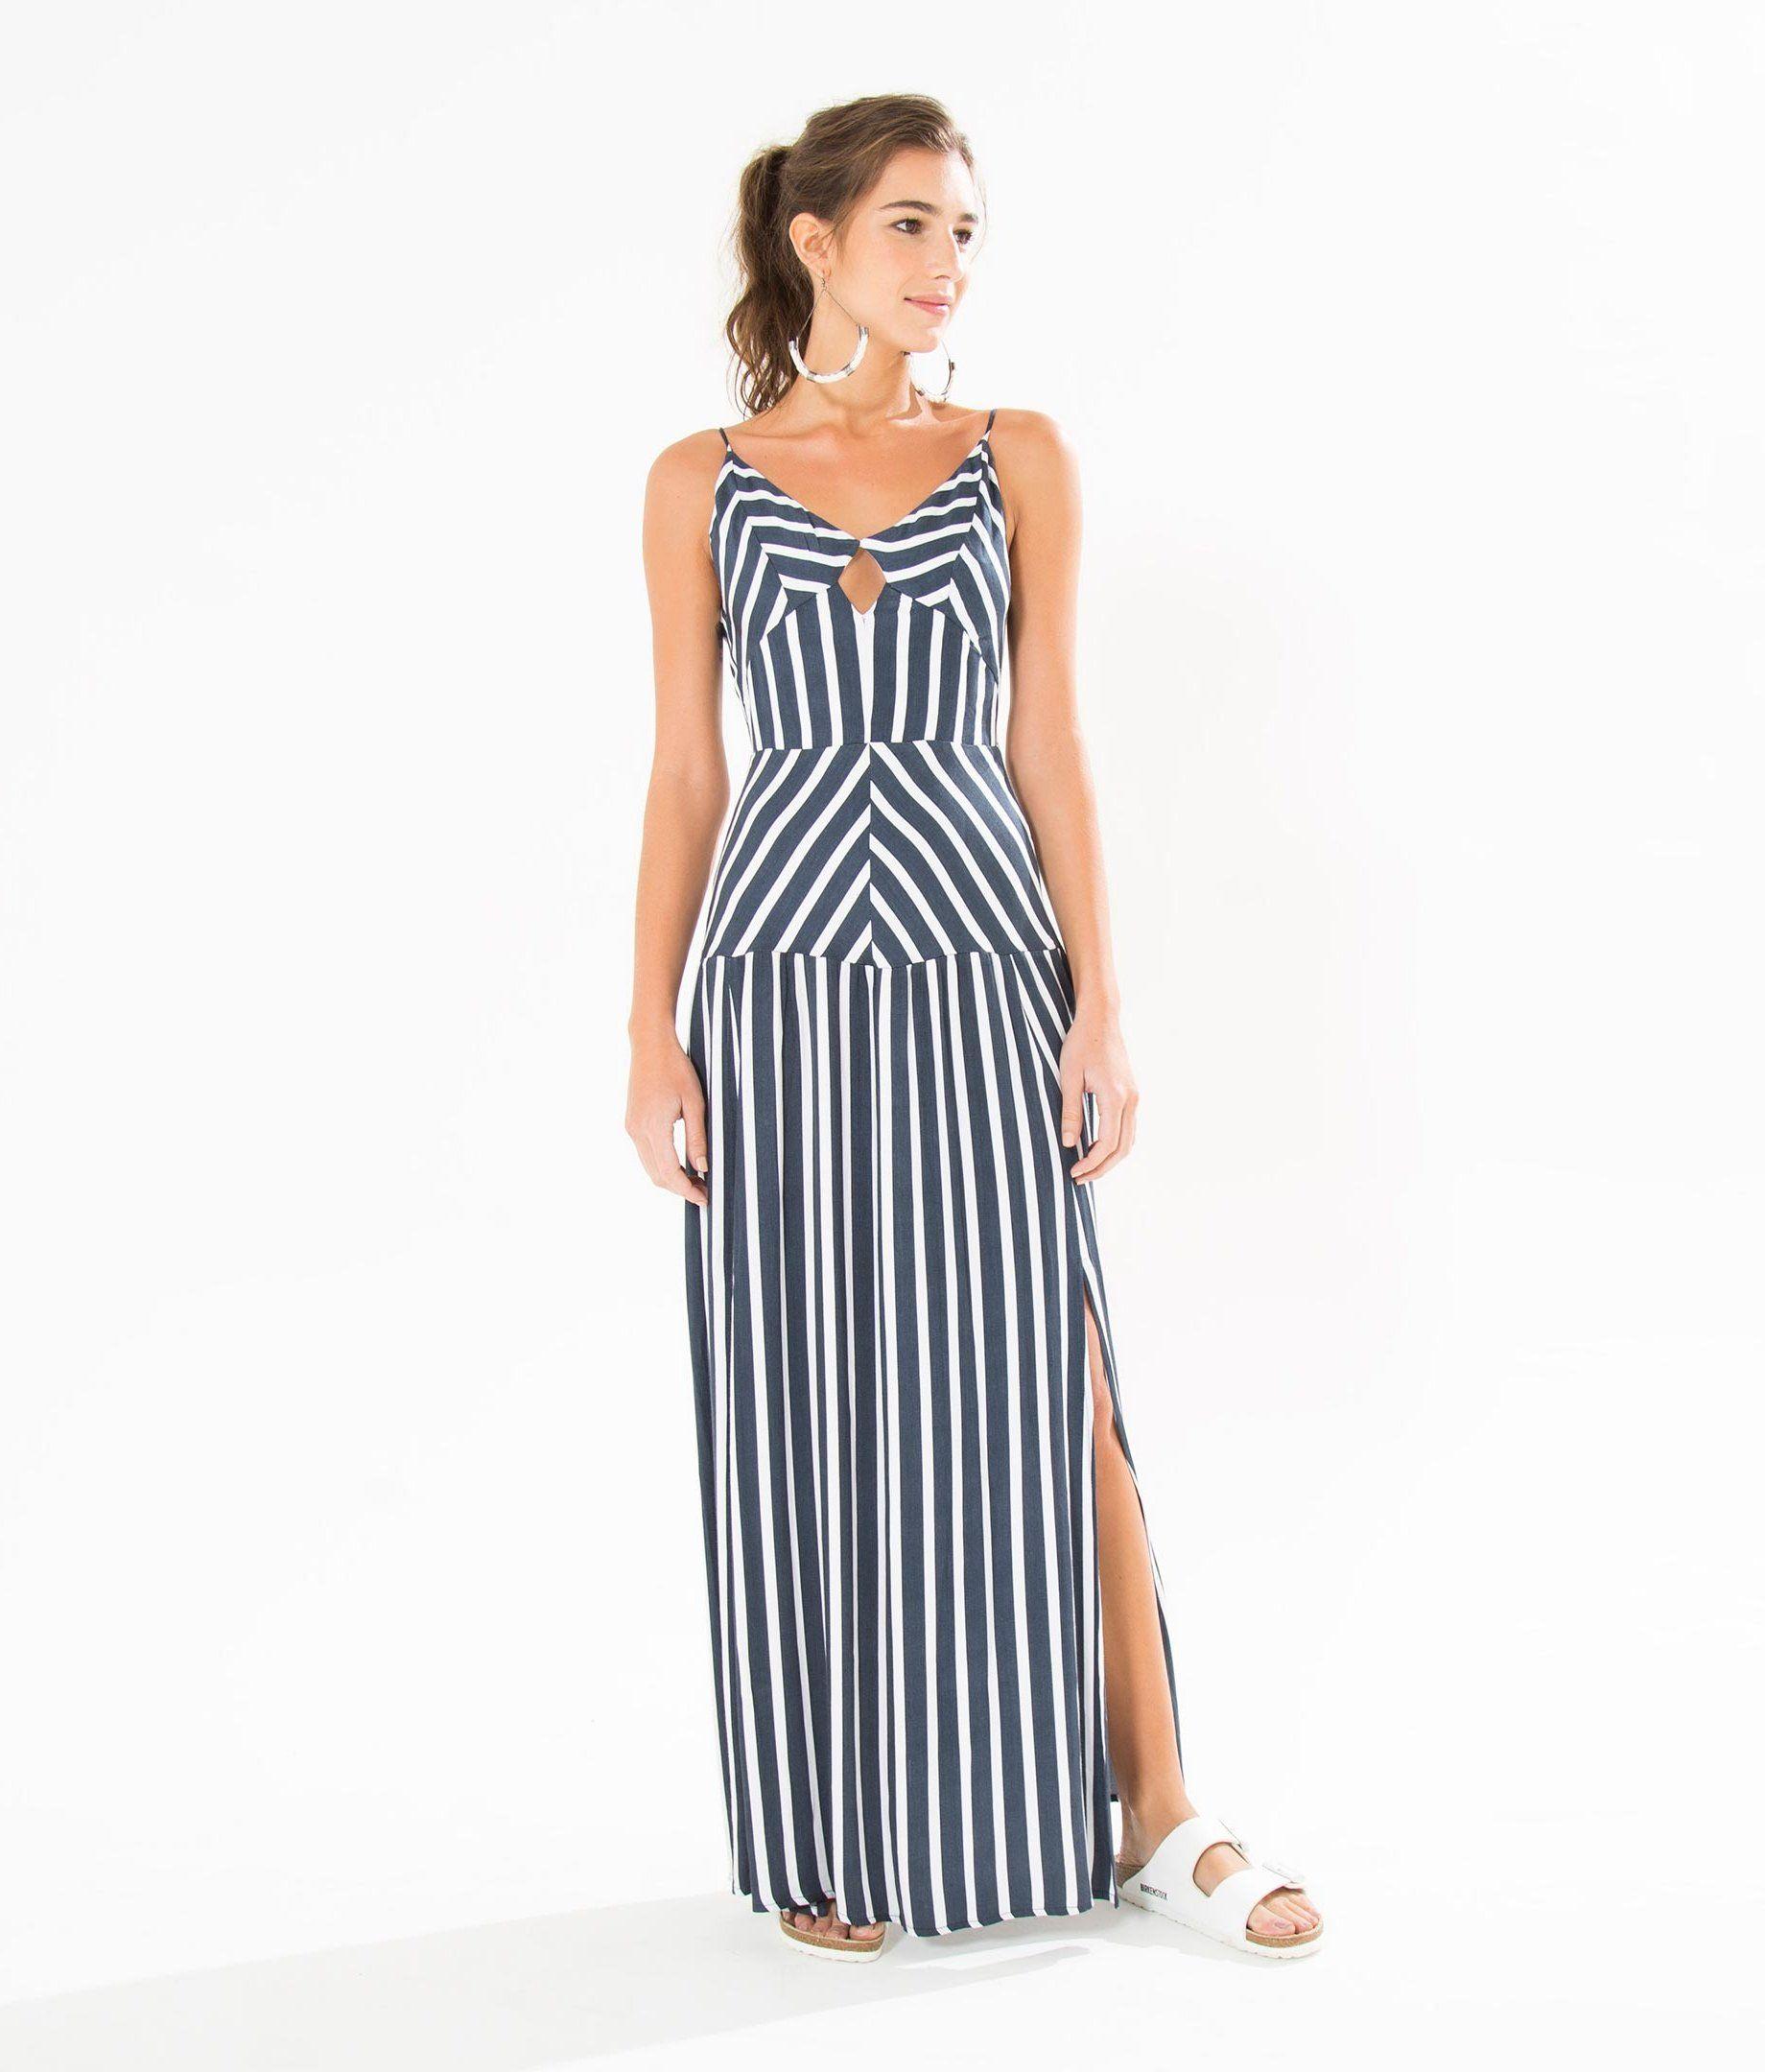 vestido longo listra | Costuras en 2018 | Pinterest | Vestido longo ...